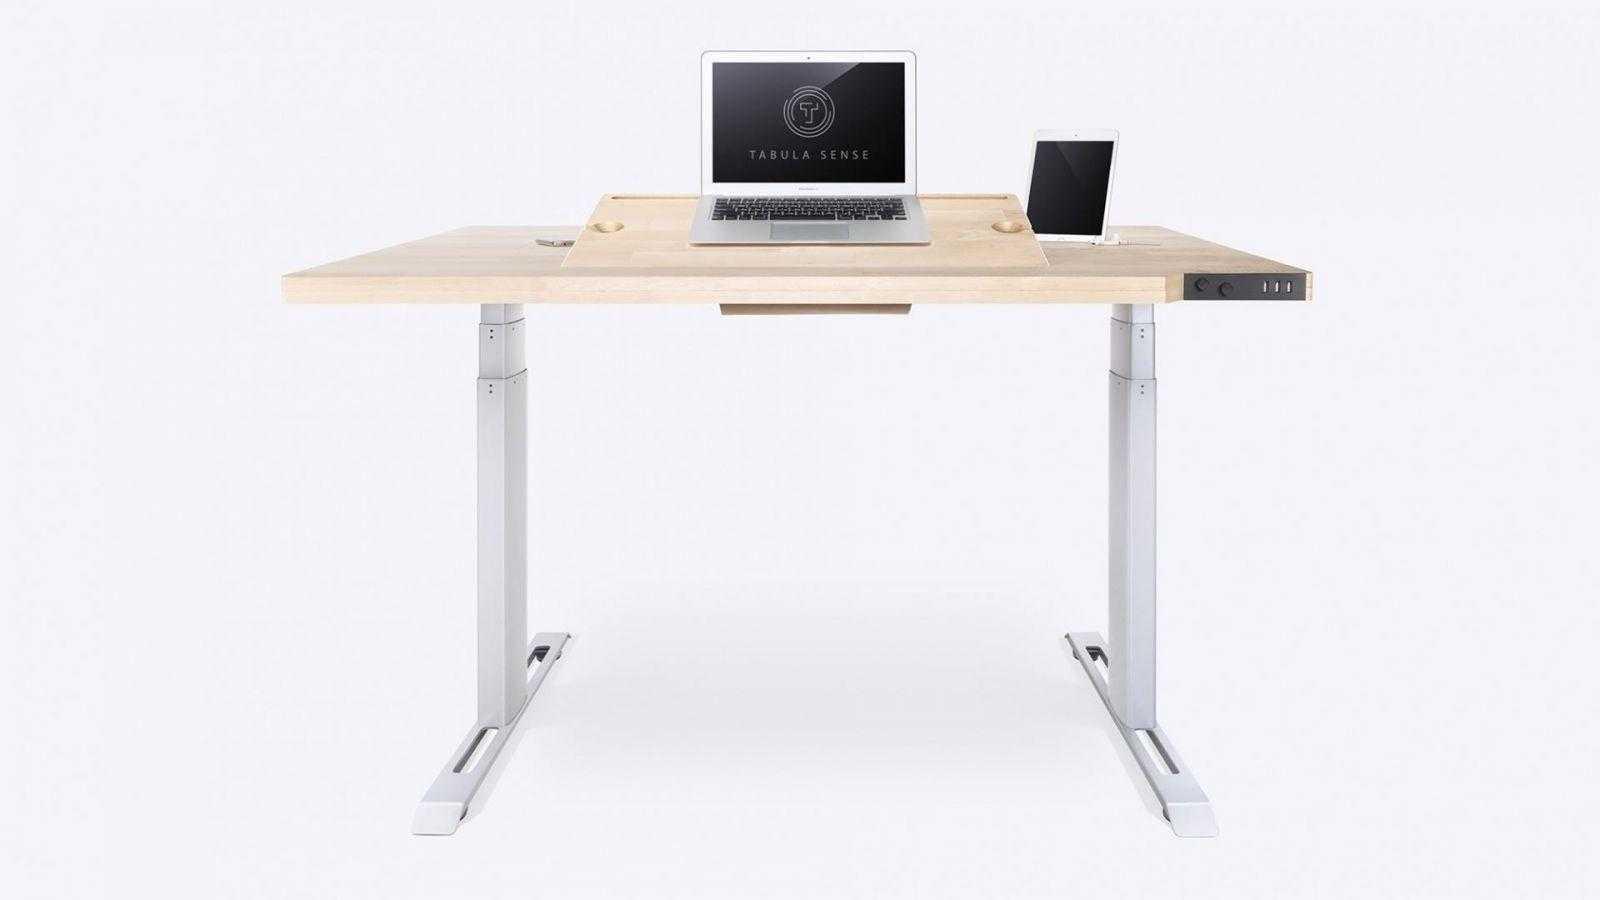 2 - Российская компания Tabula Sense выпускает мебель для гиков